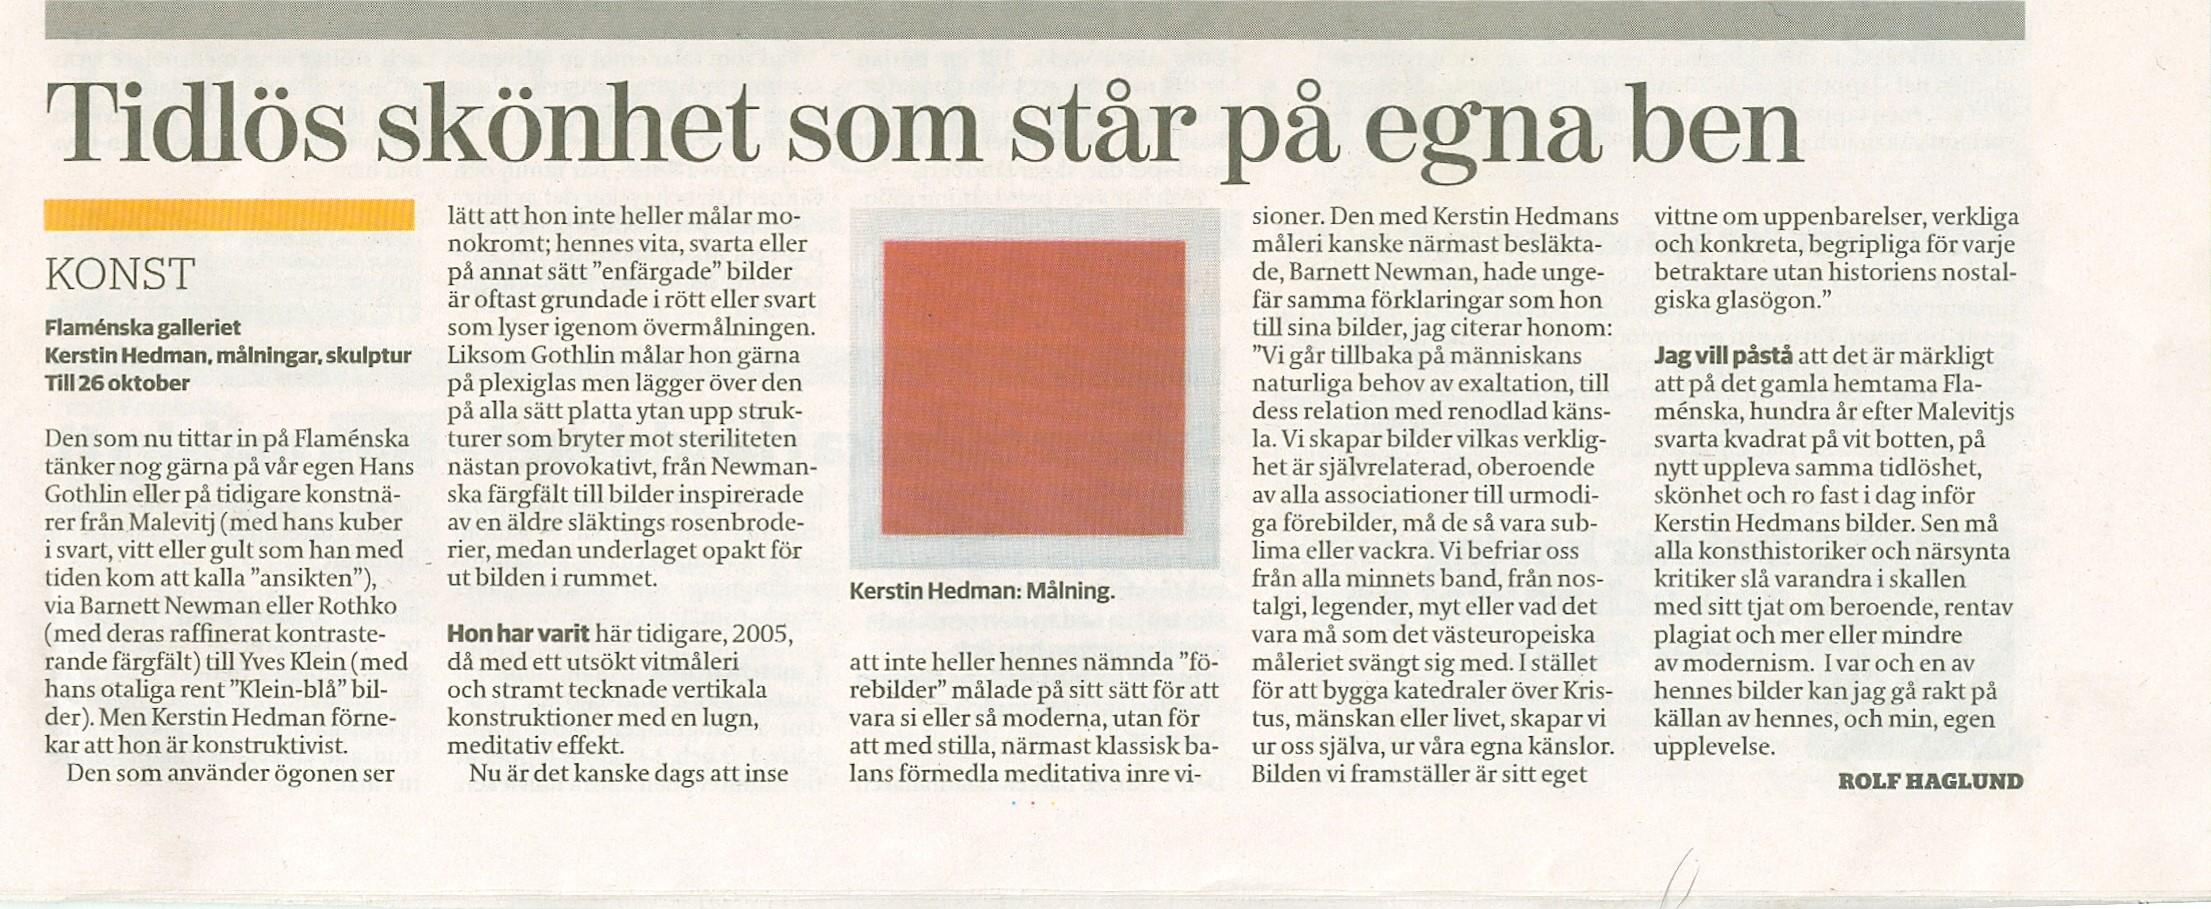 recencion Borås